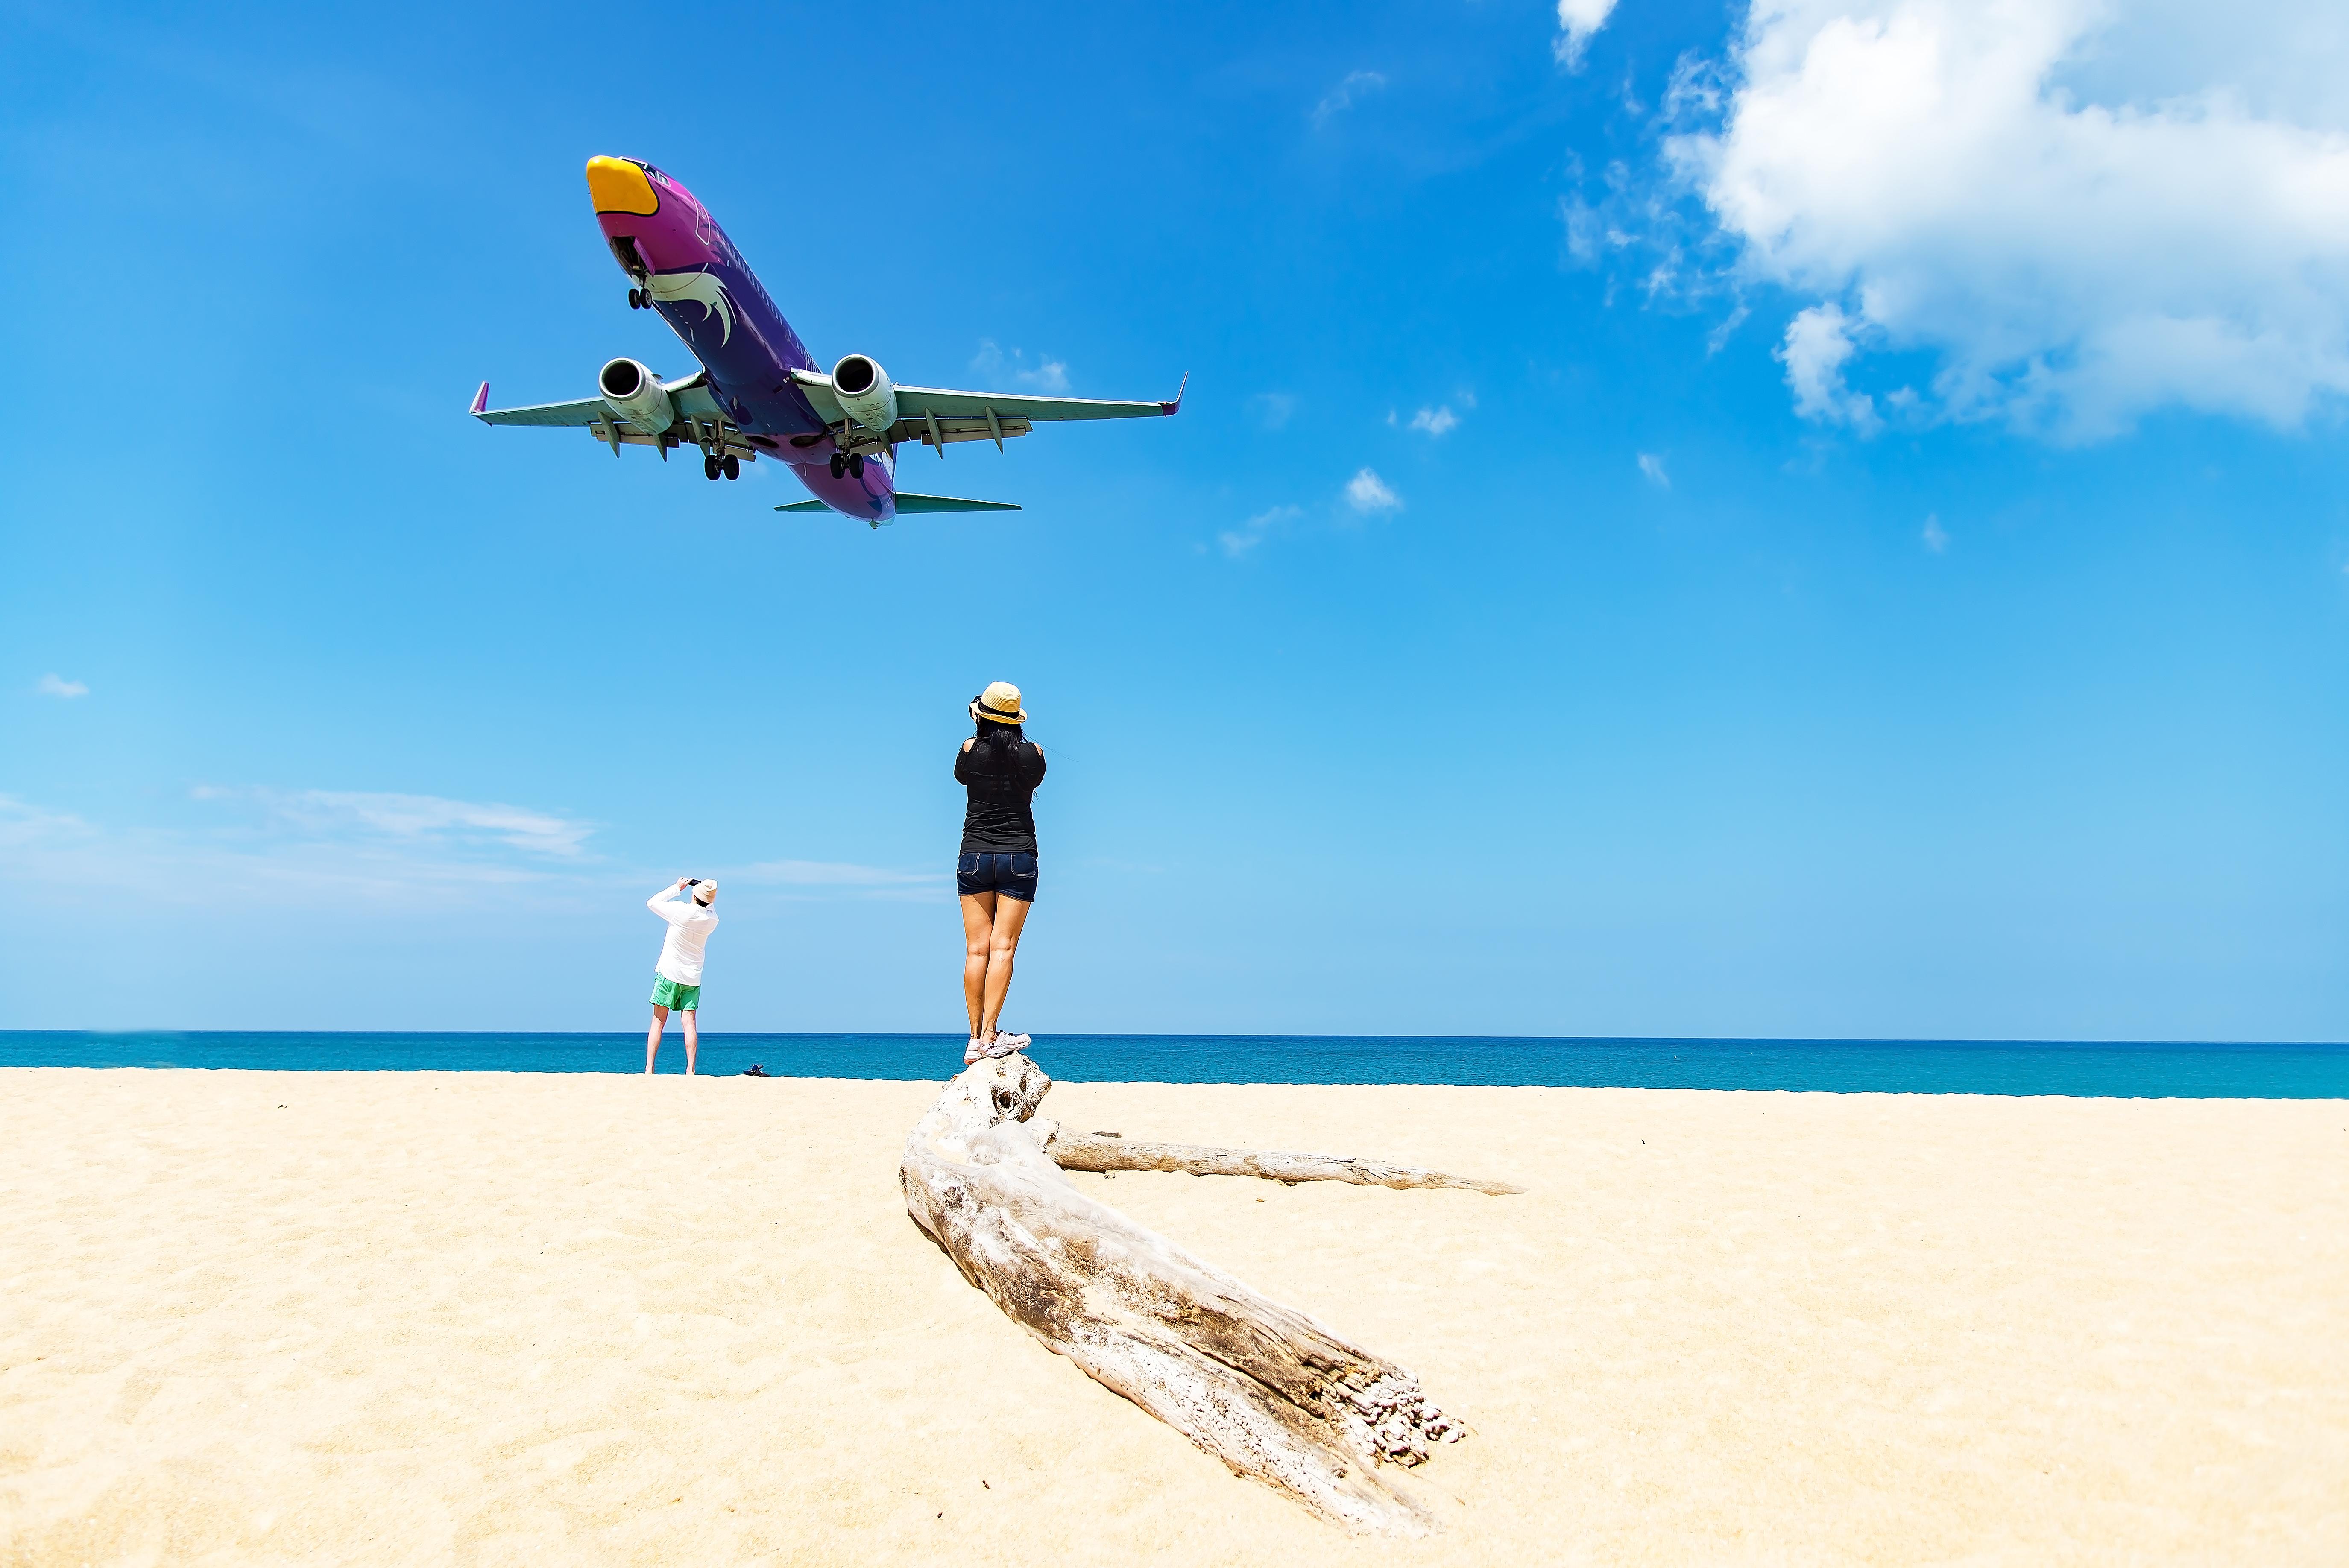 Пляж Най Янг возле аэропорта Пхукета